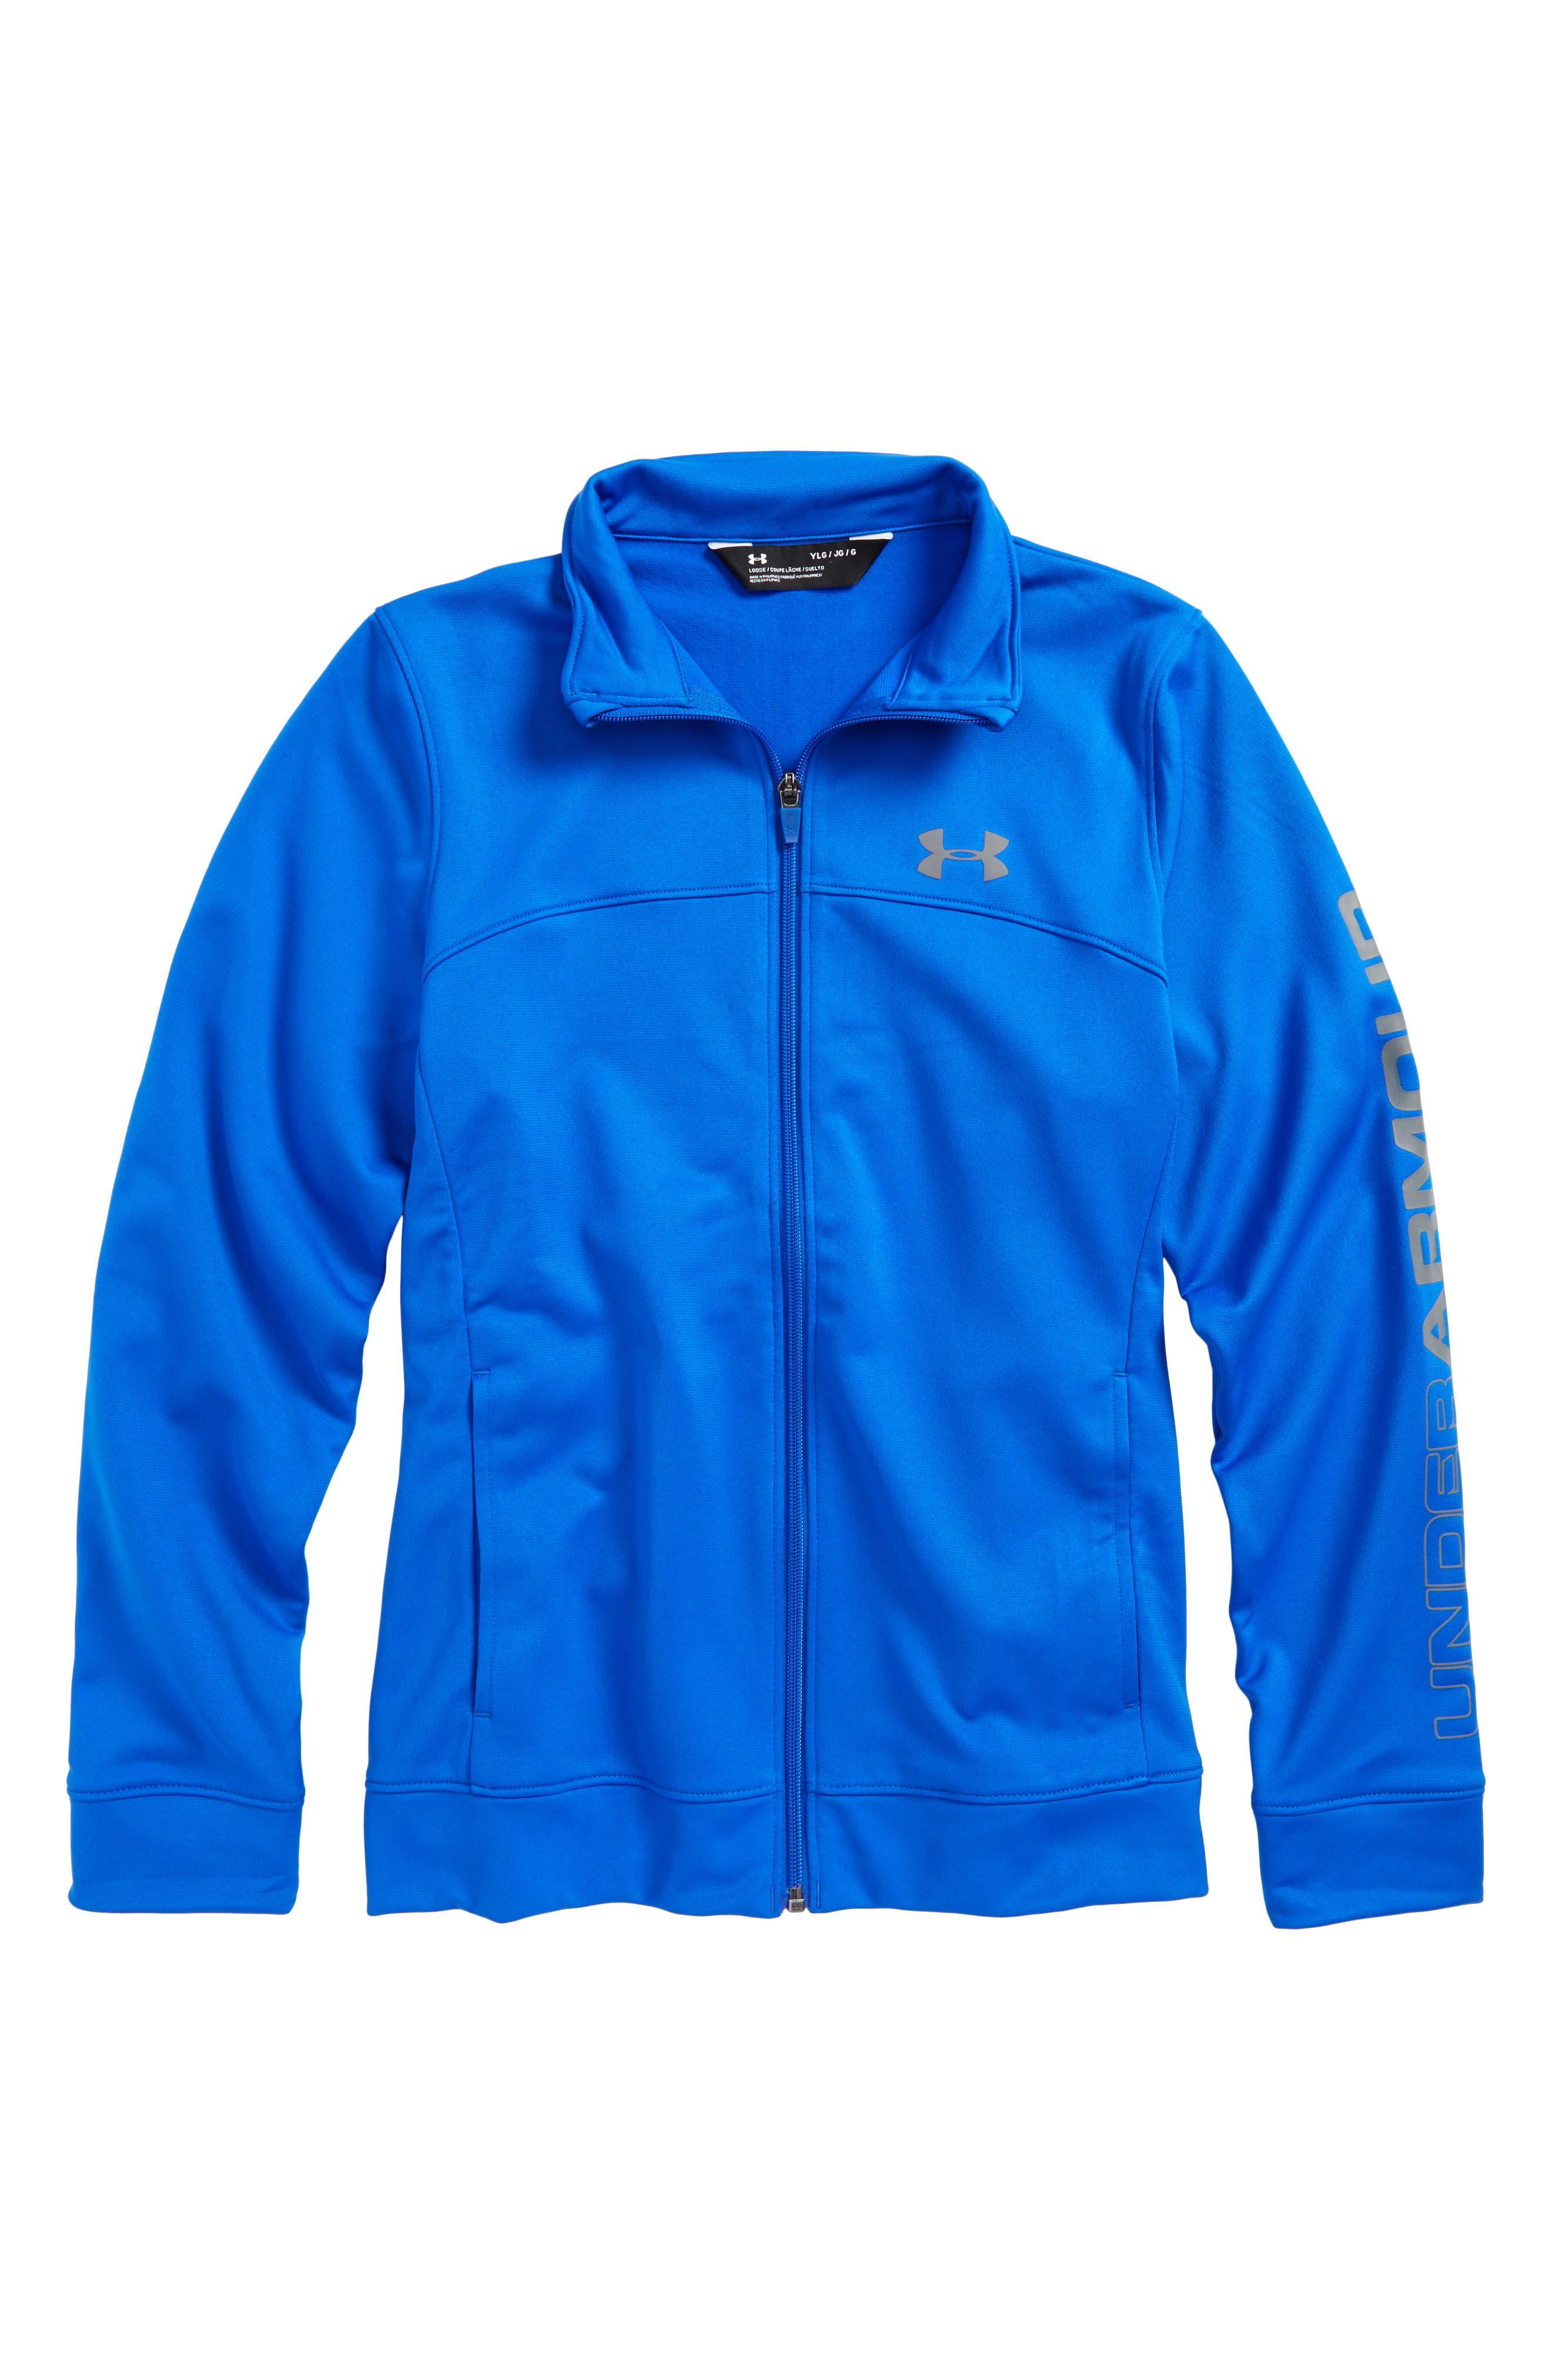 'Pennant' Warm Up Jacket,                             Main thumbnail 2, color,